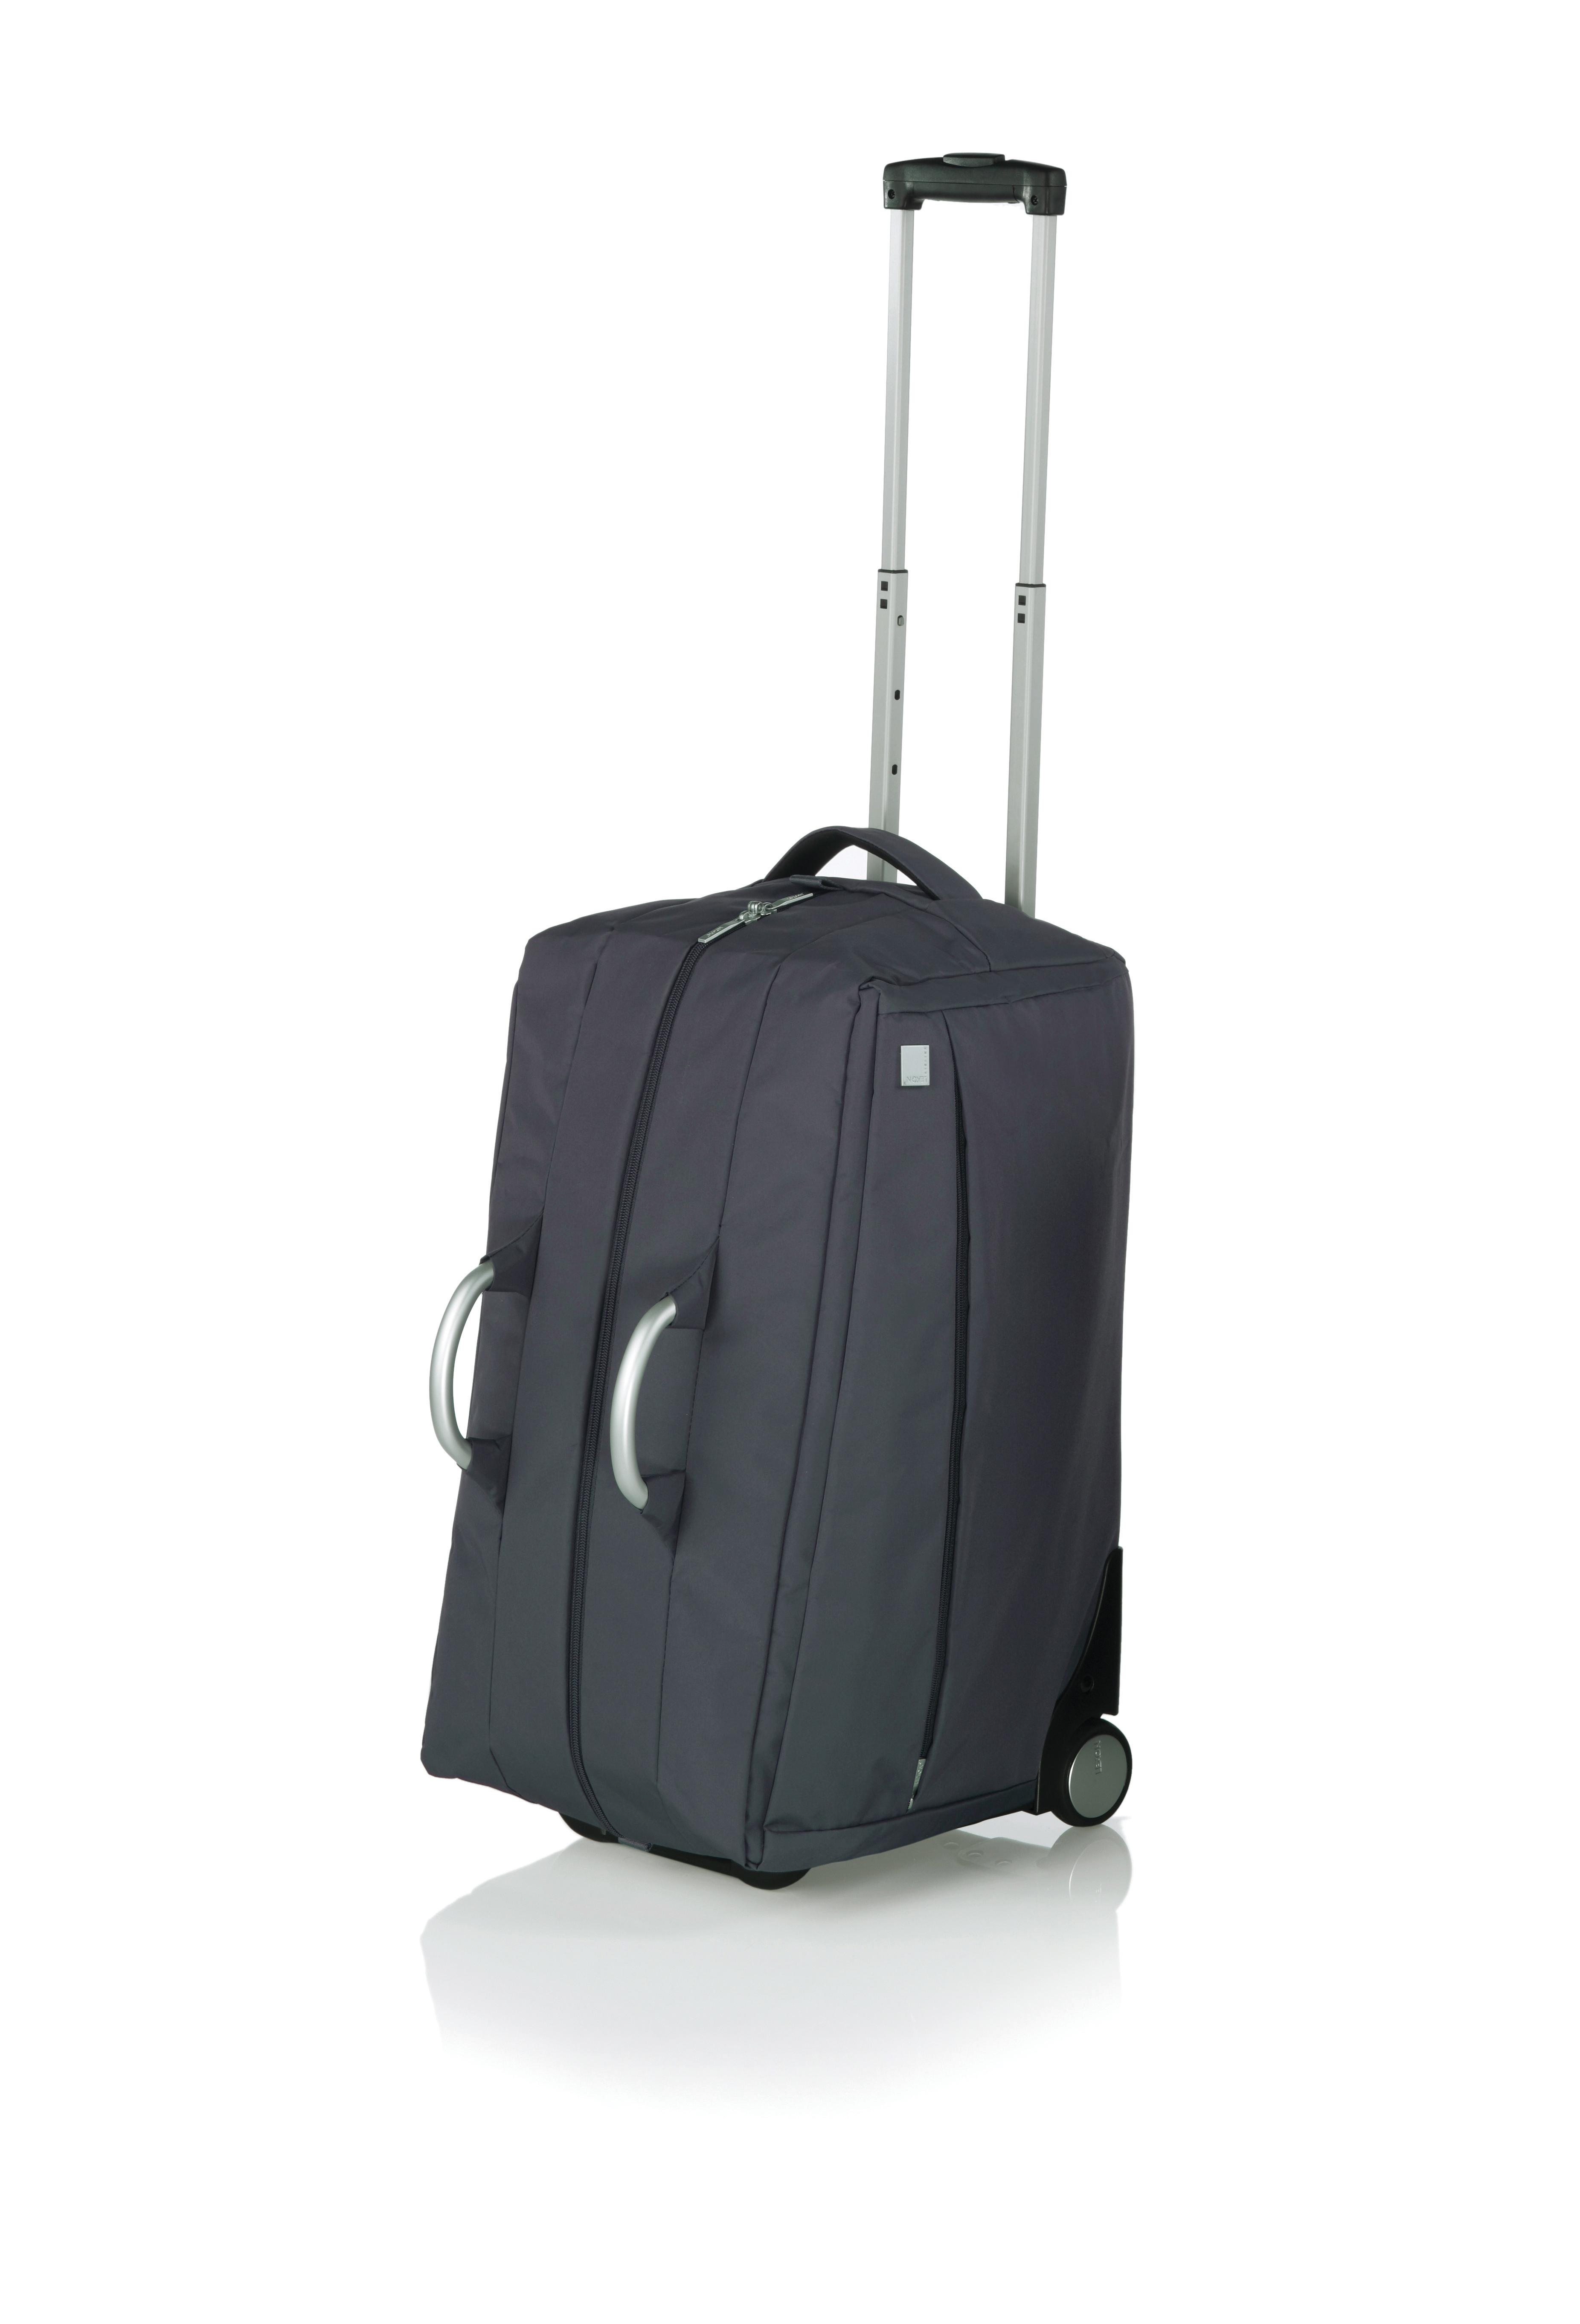 sac voyage haut de gamme objet de marque lexon le sac de voyage format cabine sacs de voyage. Black Bedroom Furniture Sets. Home Design Ideas